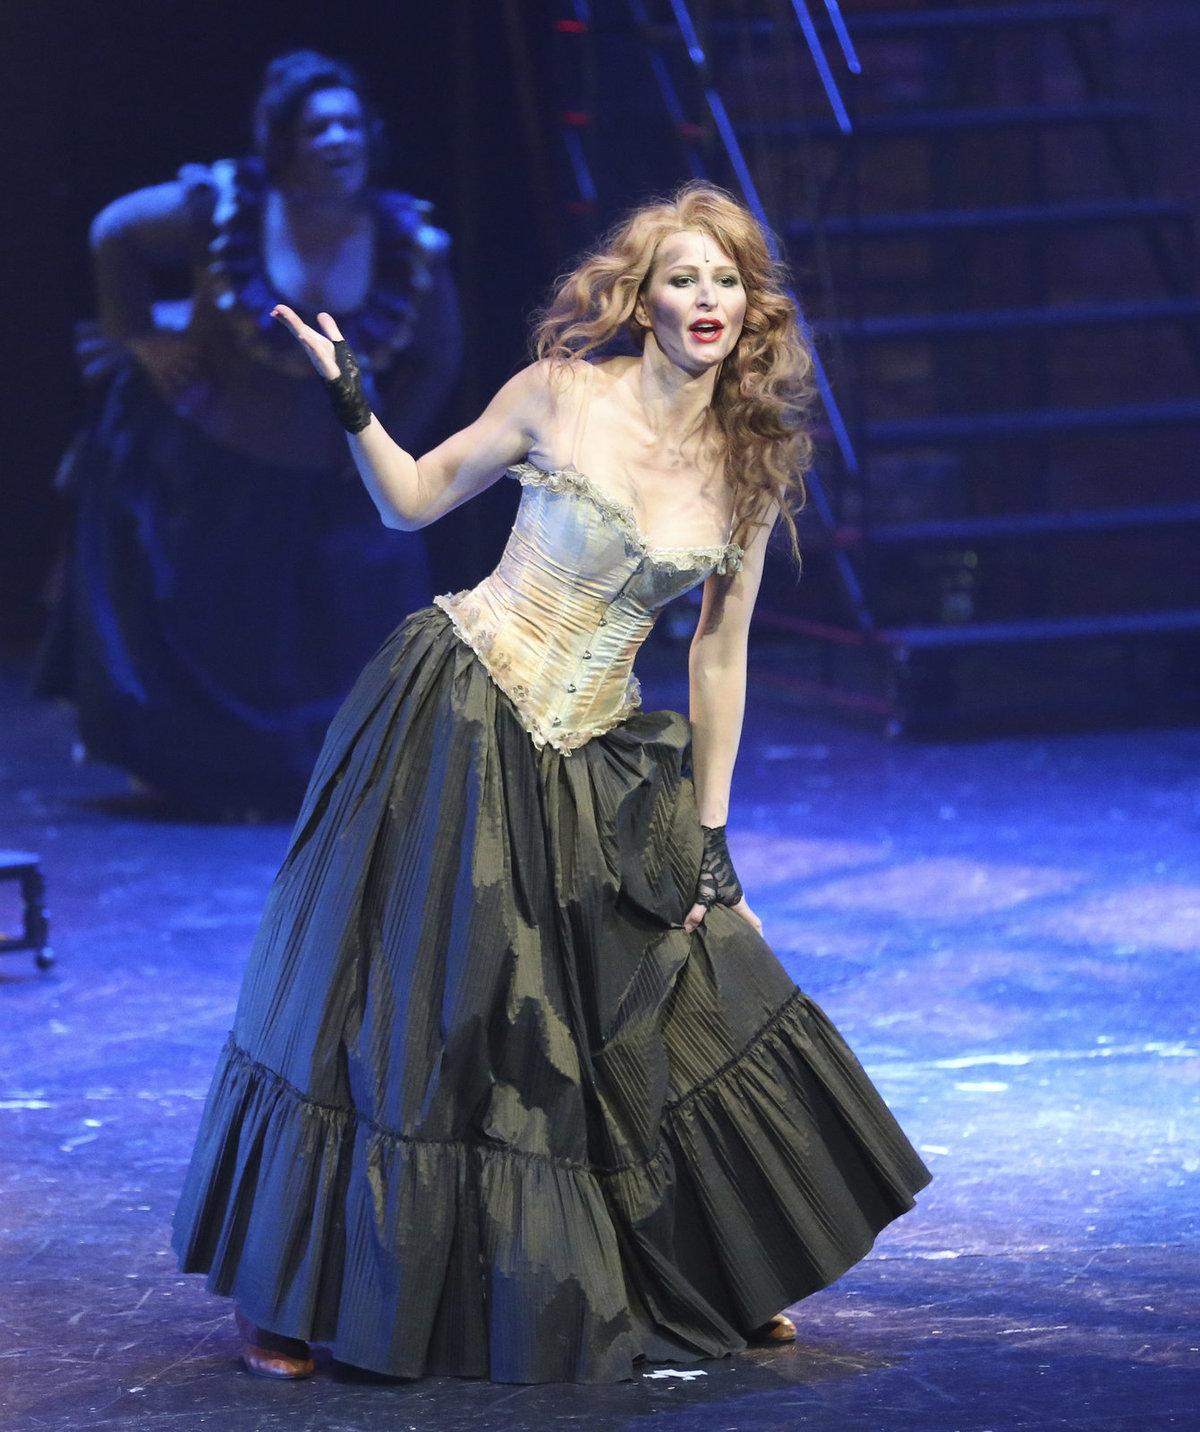 Květen: Slavíkova manželka Ivana oznamuje odchod z divadla.